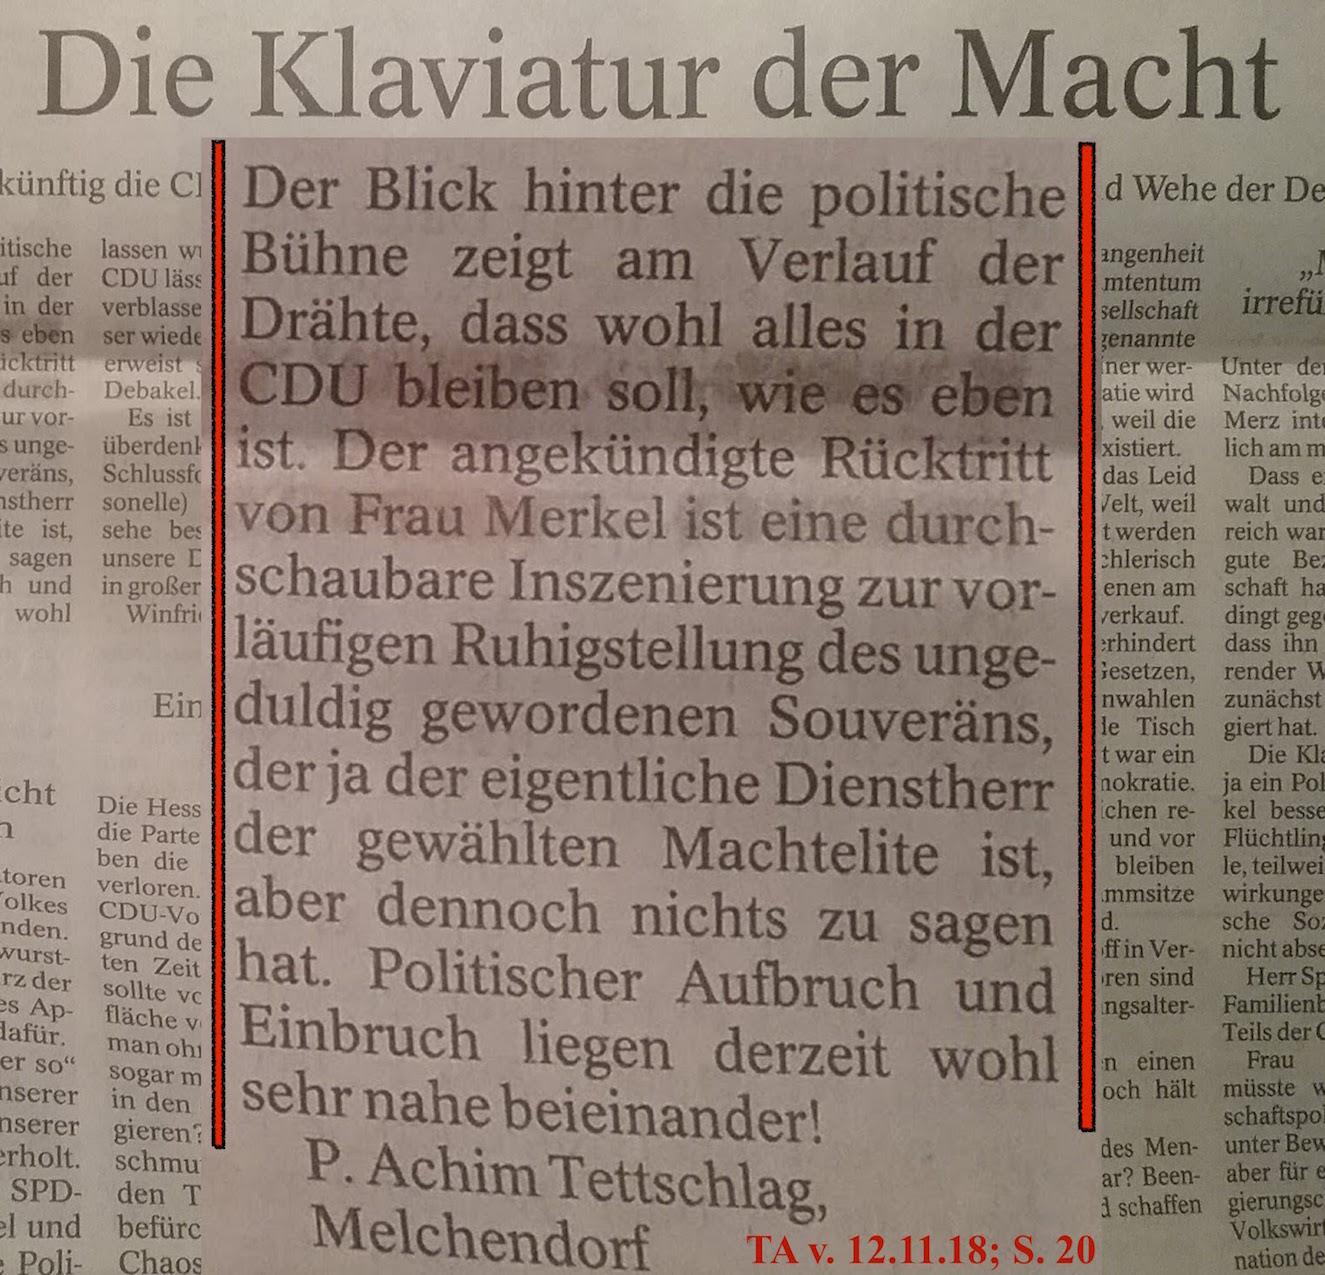 TA-Artikel zur CDU-Vorsitz-Inszenierung 2018.11.06 3 Blog 13.11.18